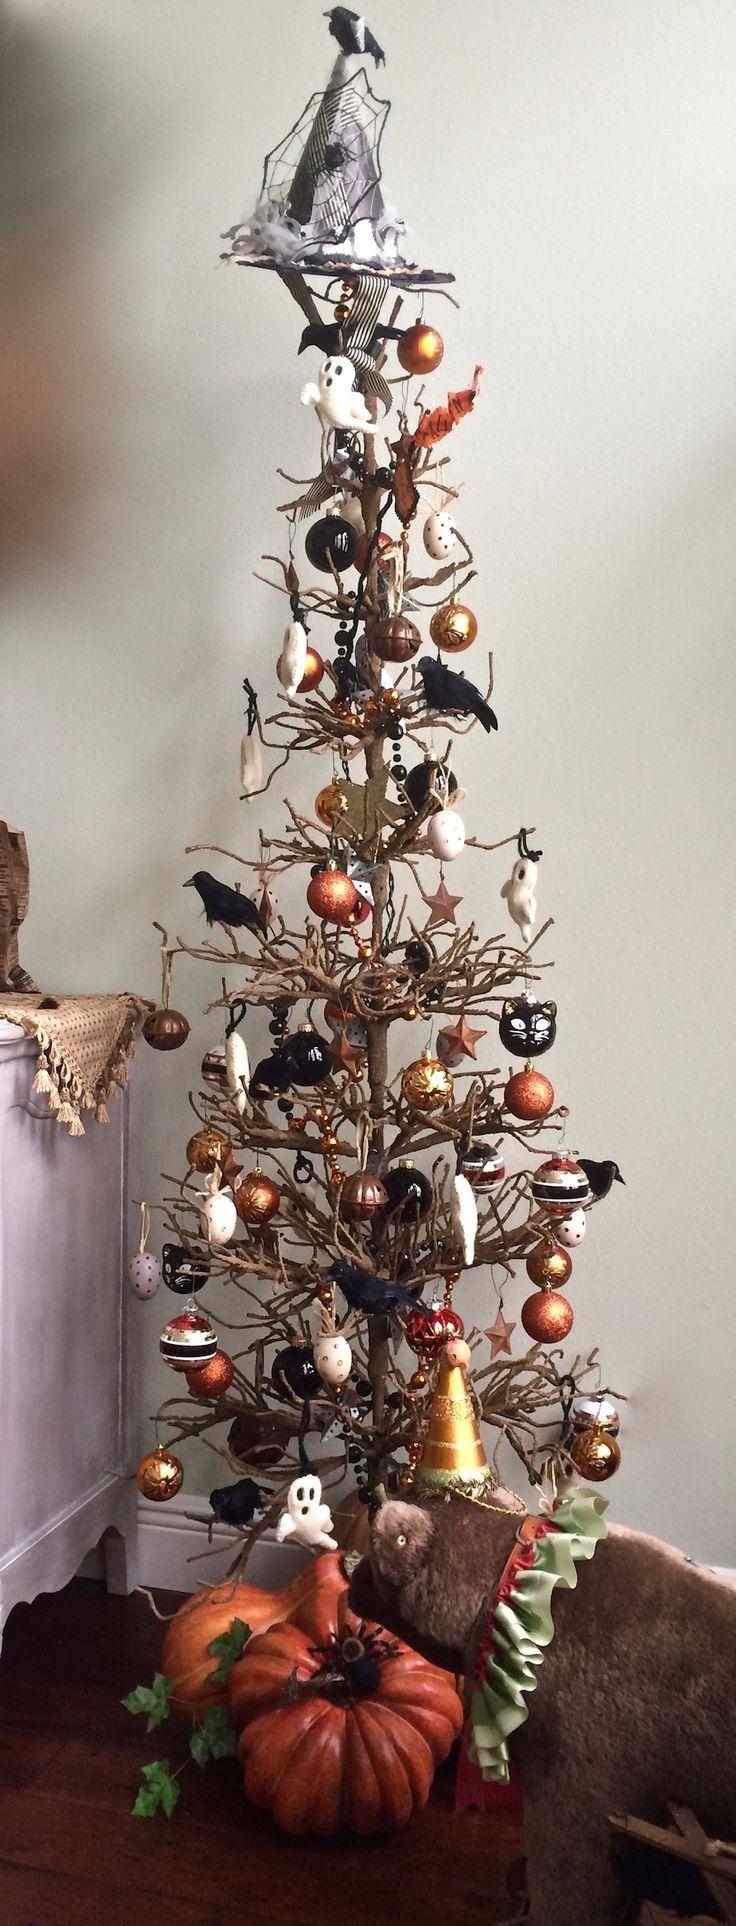 My Halloween Twig Tree. 2017 -Katy Silb